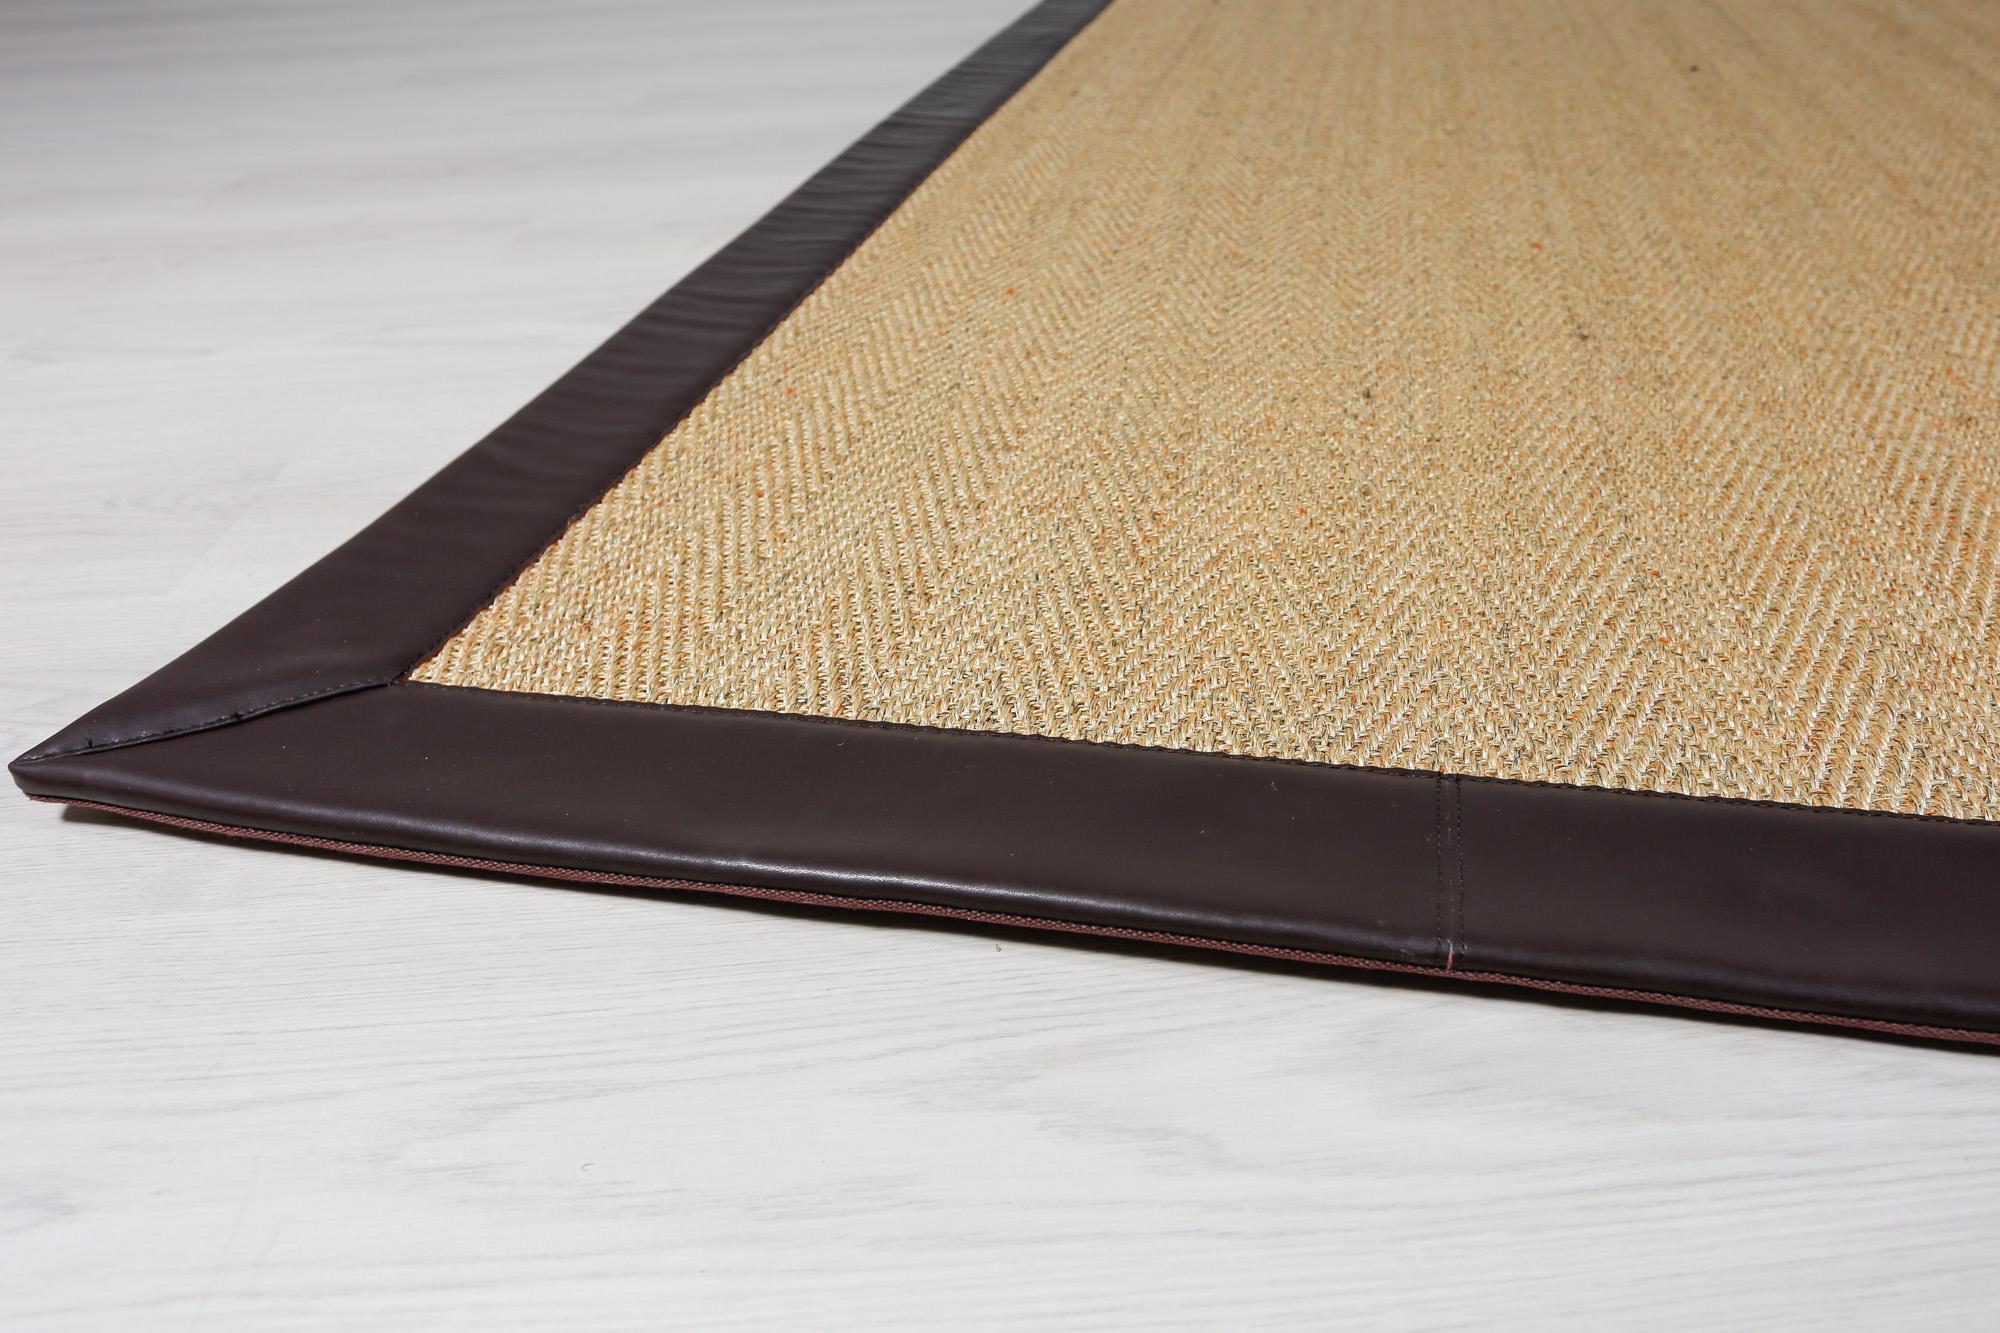 alfombra%20de%20sisal%20espiga%20menorca